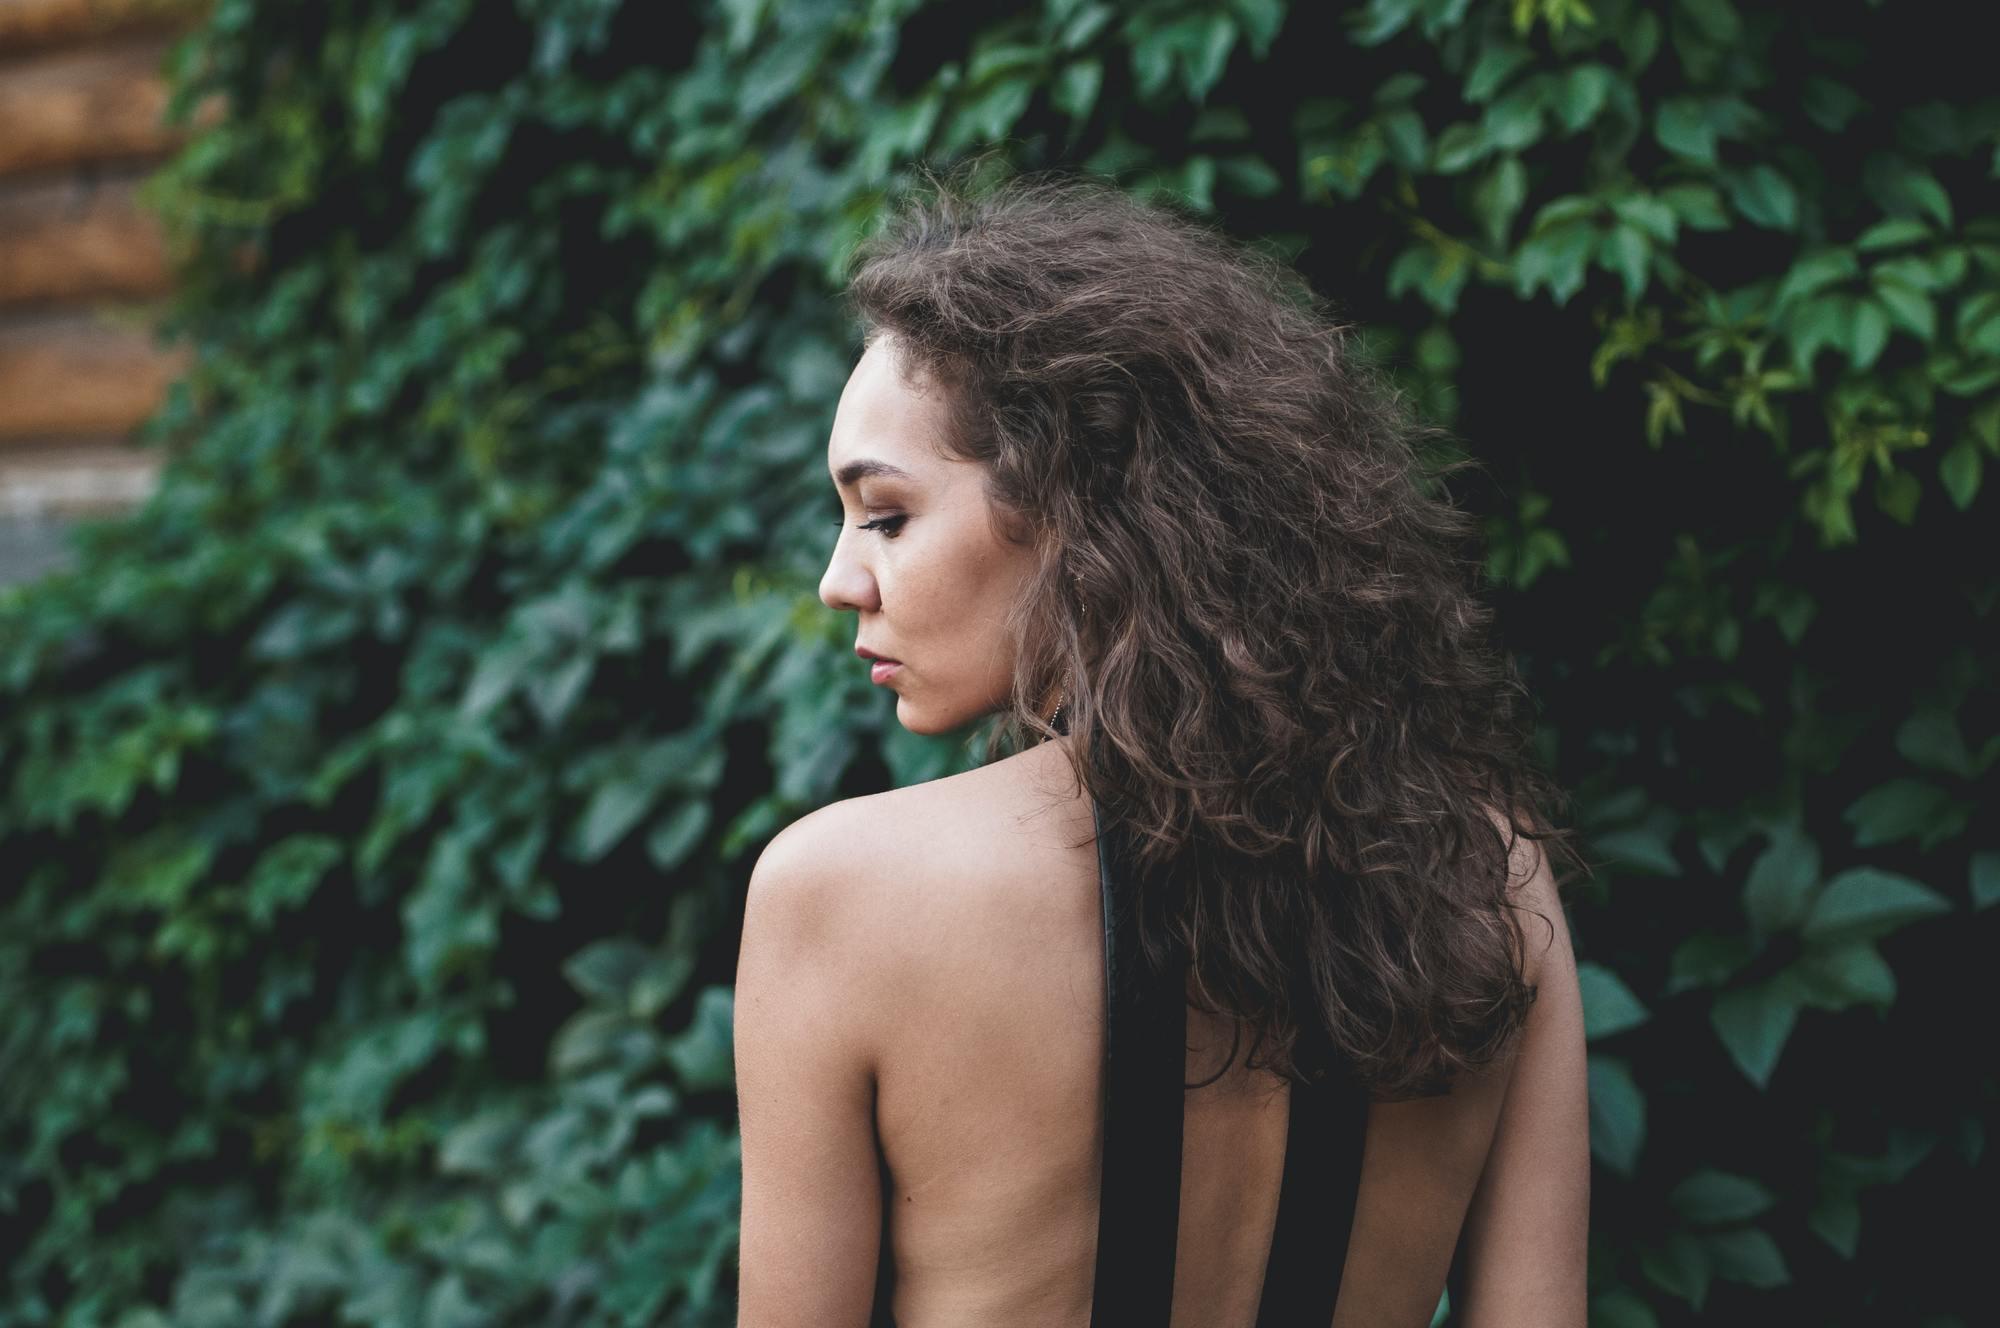 Femme aux cheveux longs et bouclés foncés